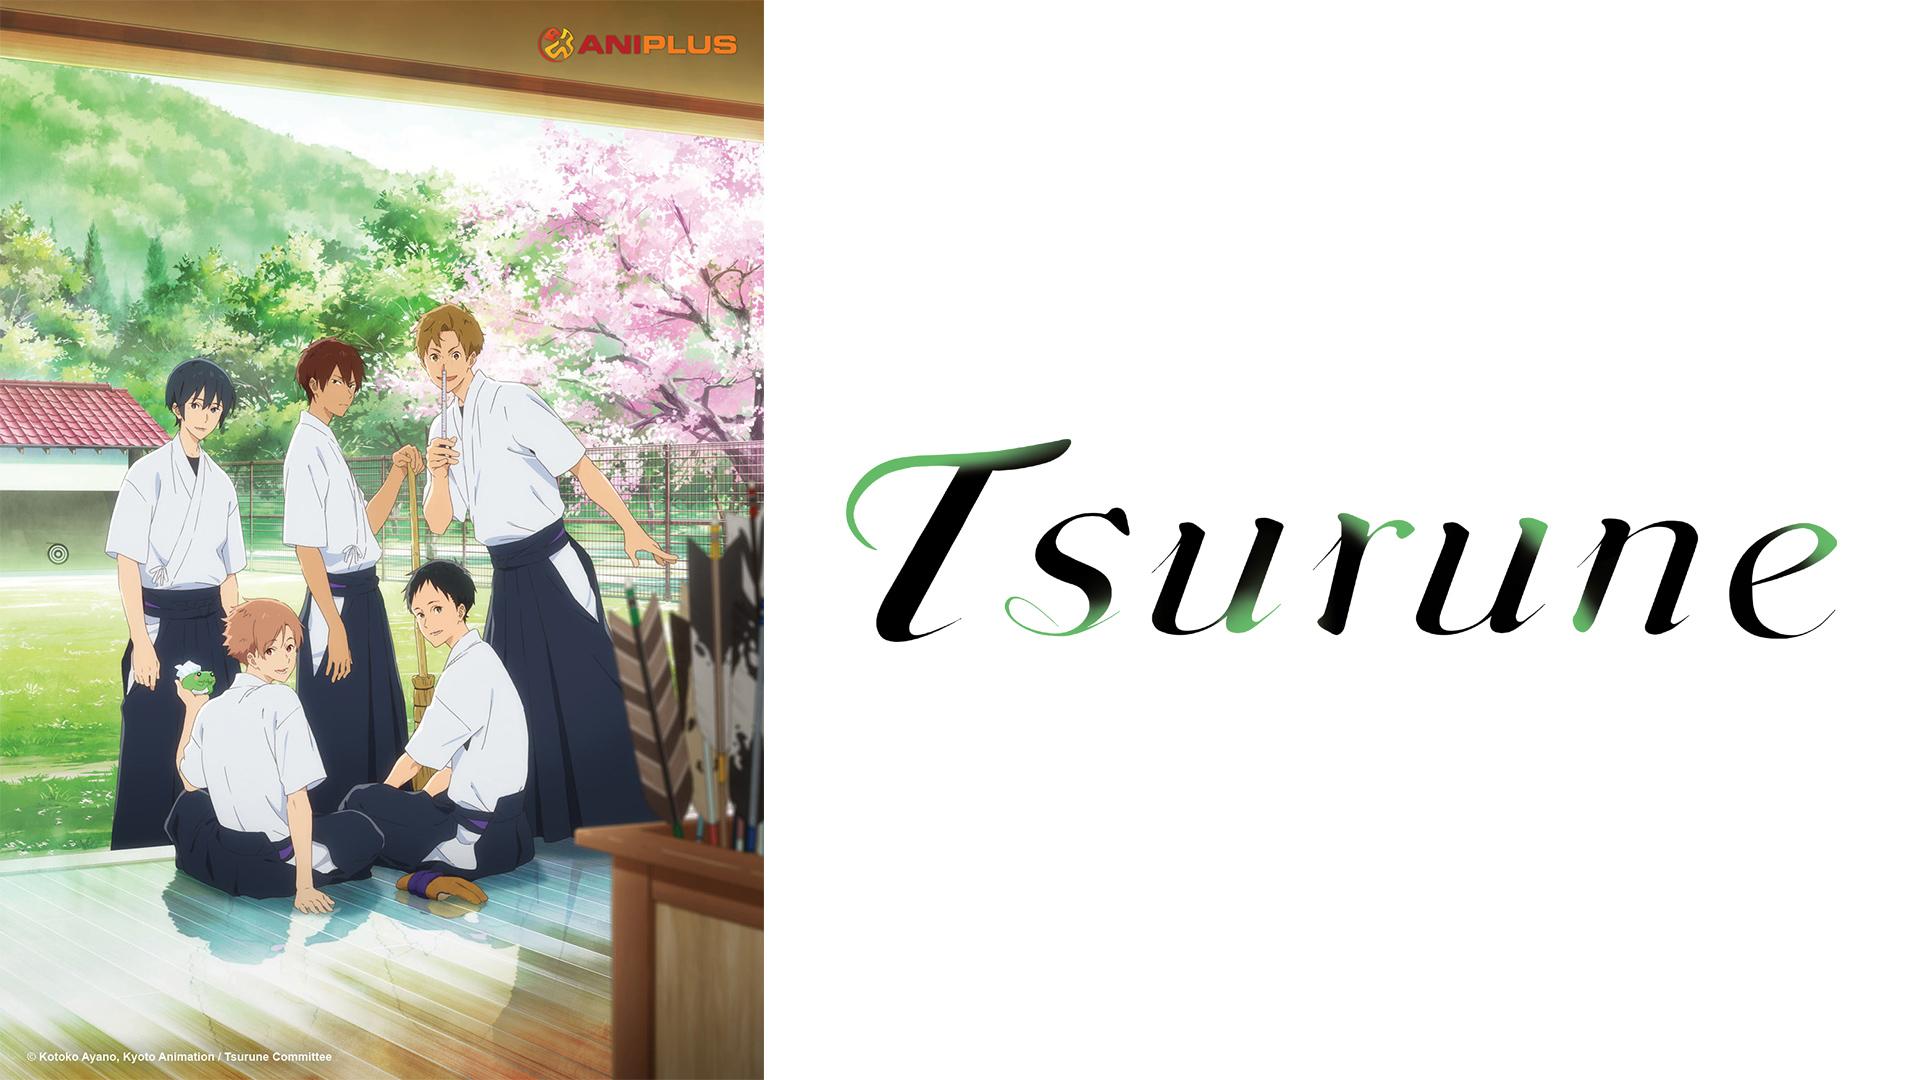 TSURU-NE